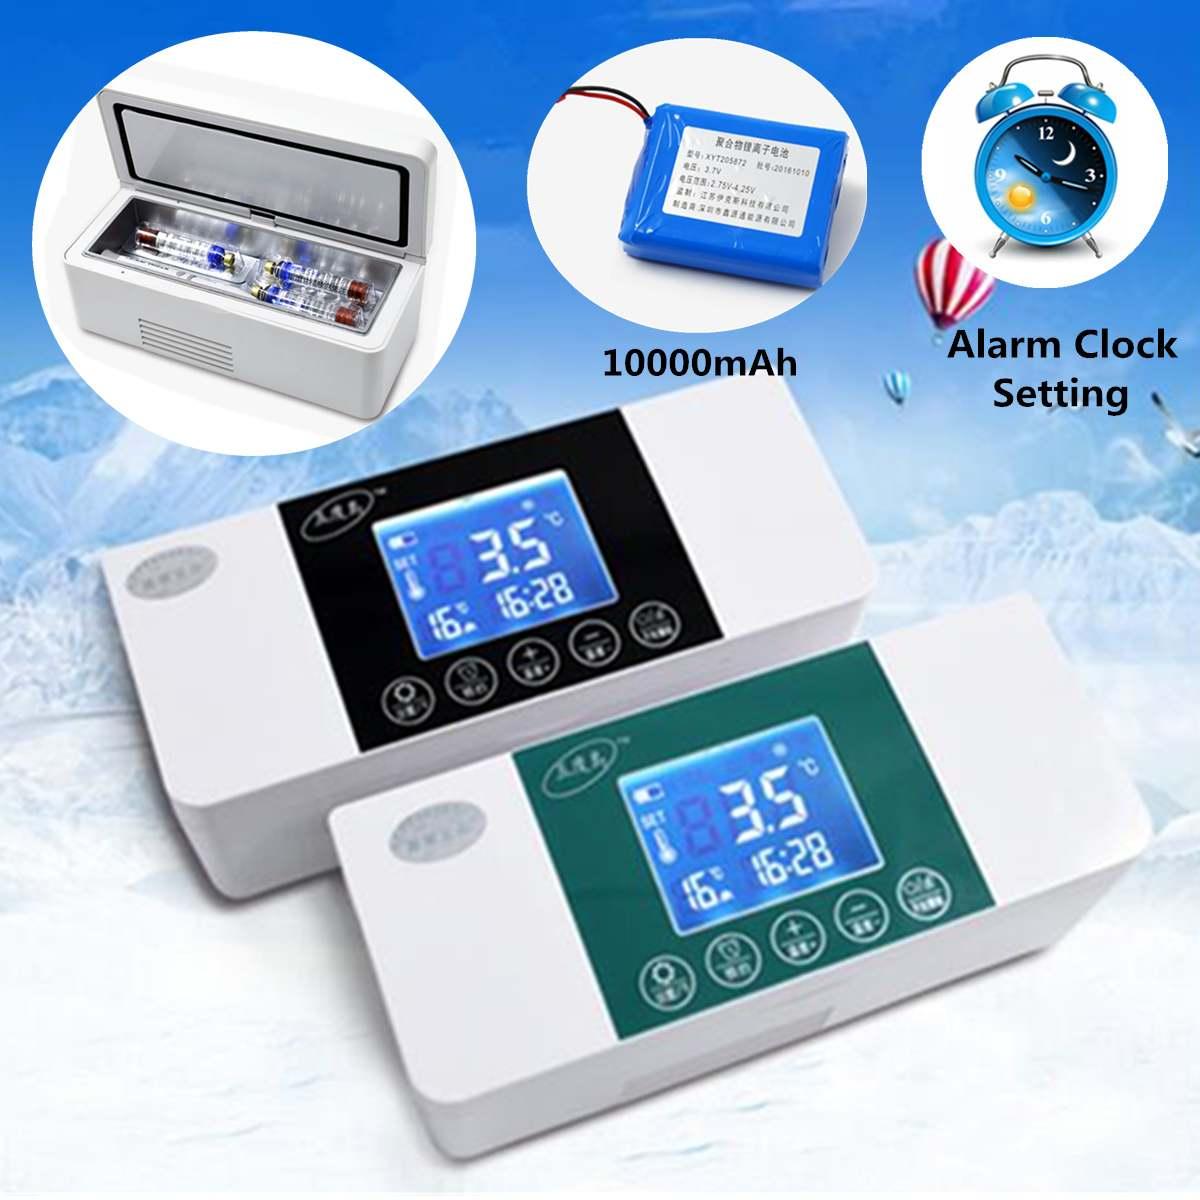 USB Rechargeable réfrigérateur Mini réfrigérateur Portable insuline stockage refroidisseur sac diabétique insuline glacière boîte de voyage sac